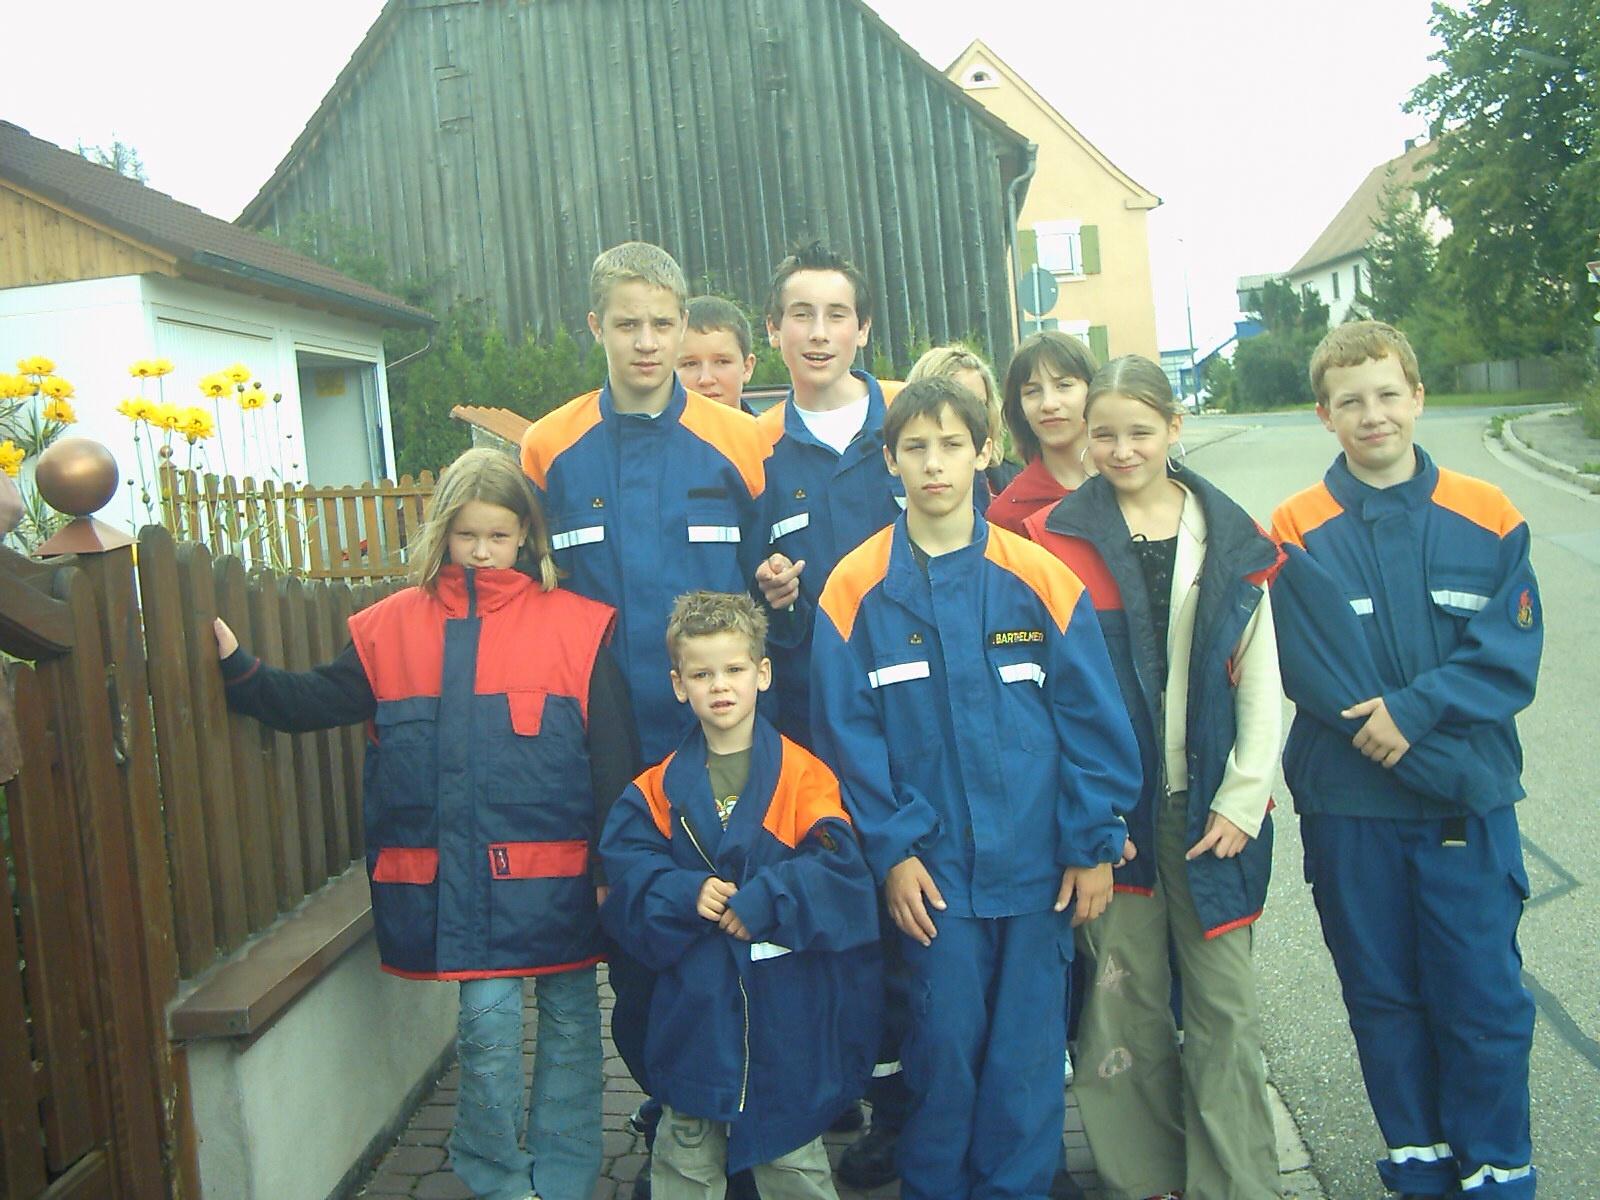 Die Jugendfeuerwehr im Jahr 2001